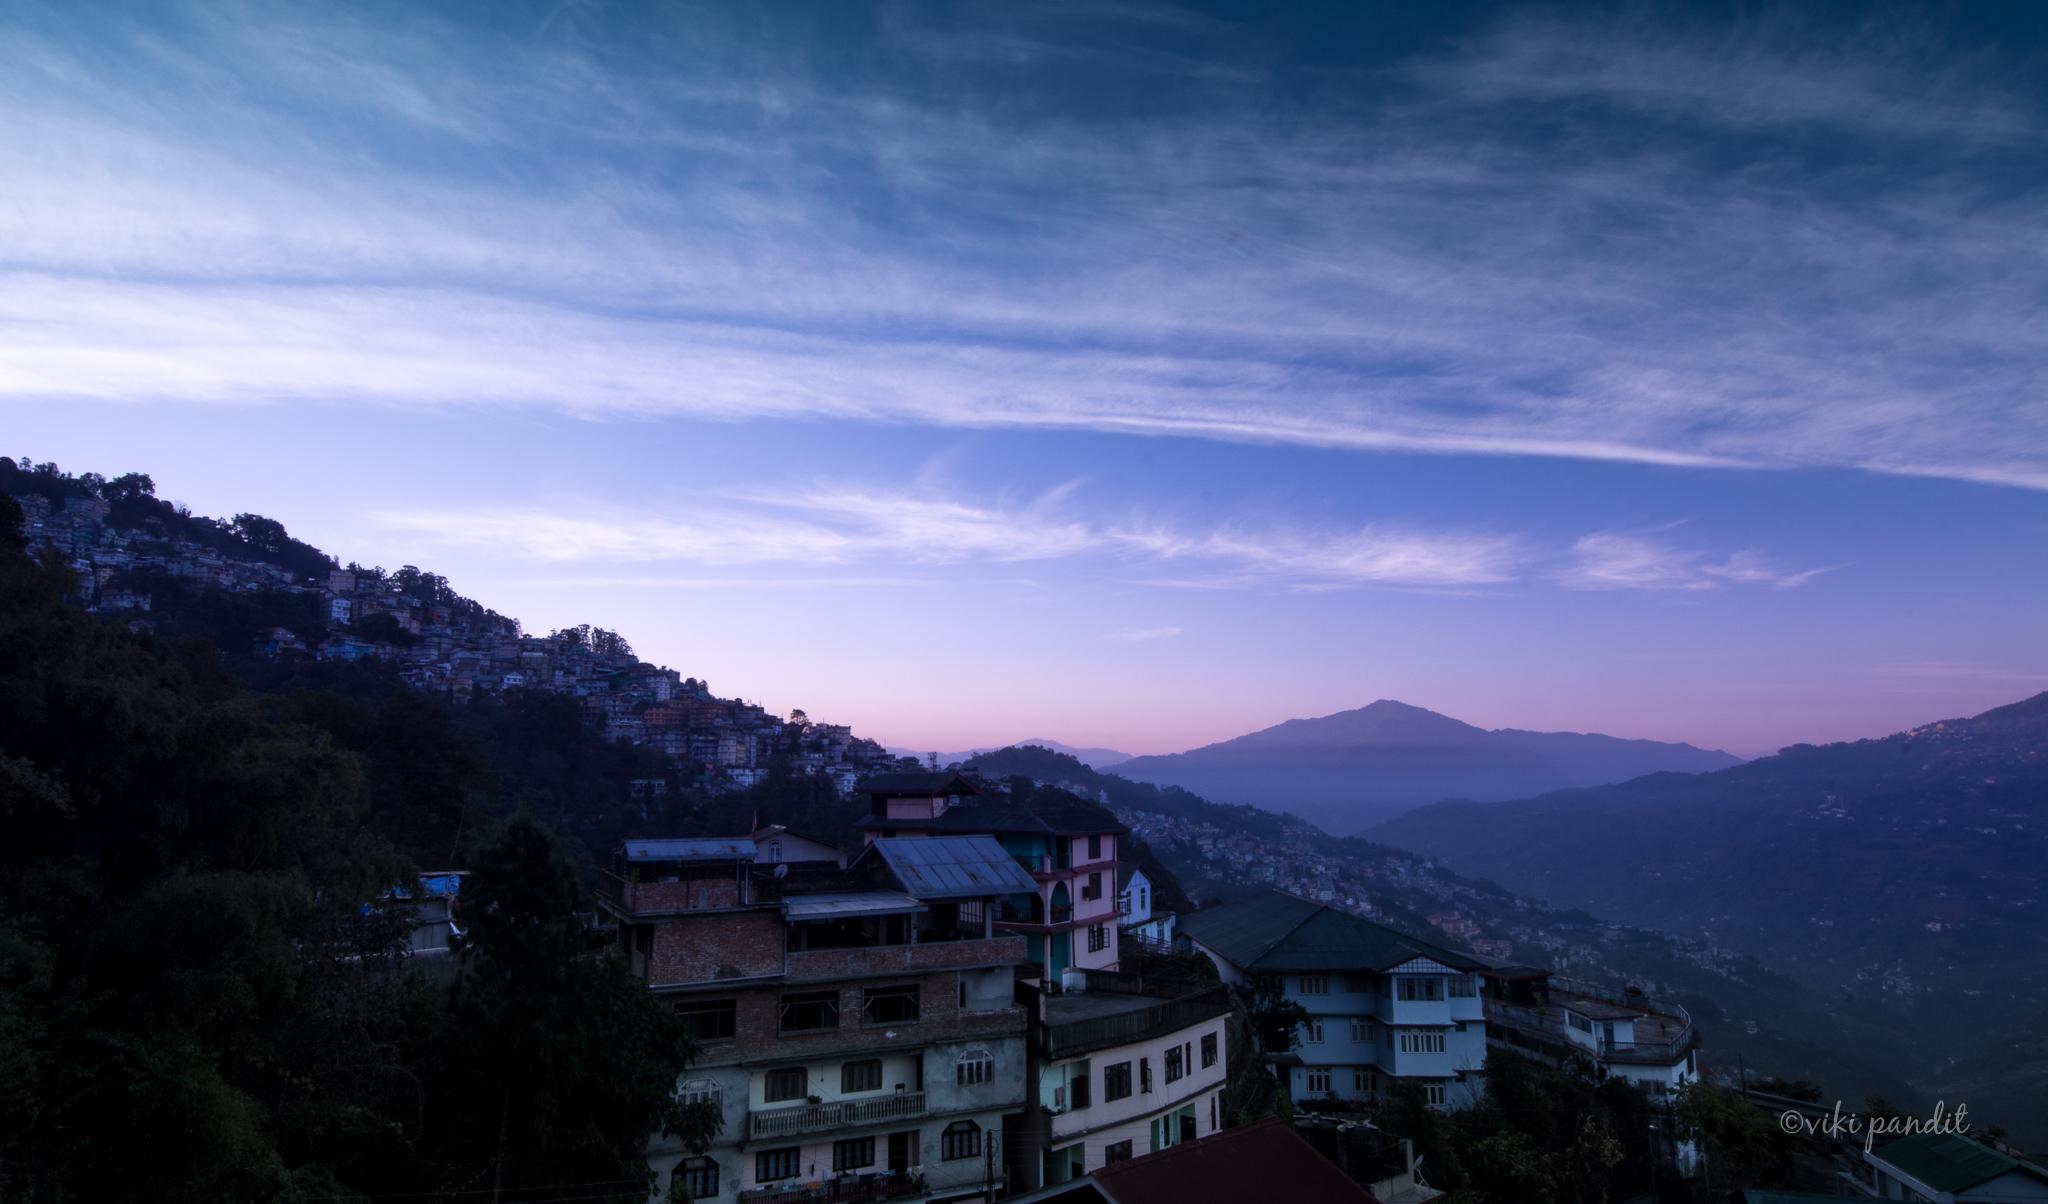 Gangtok at dawn